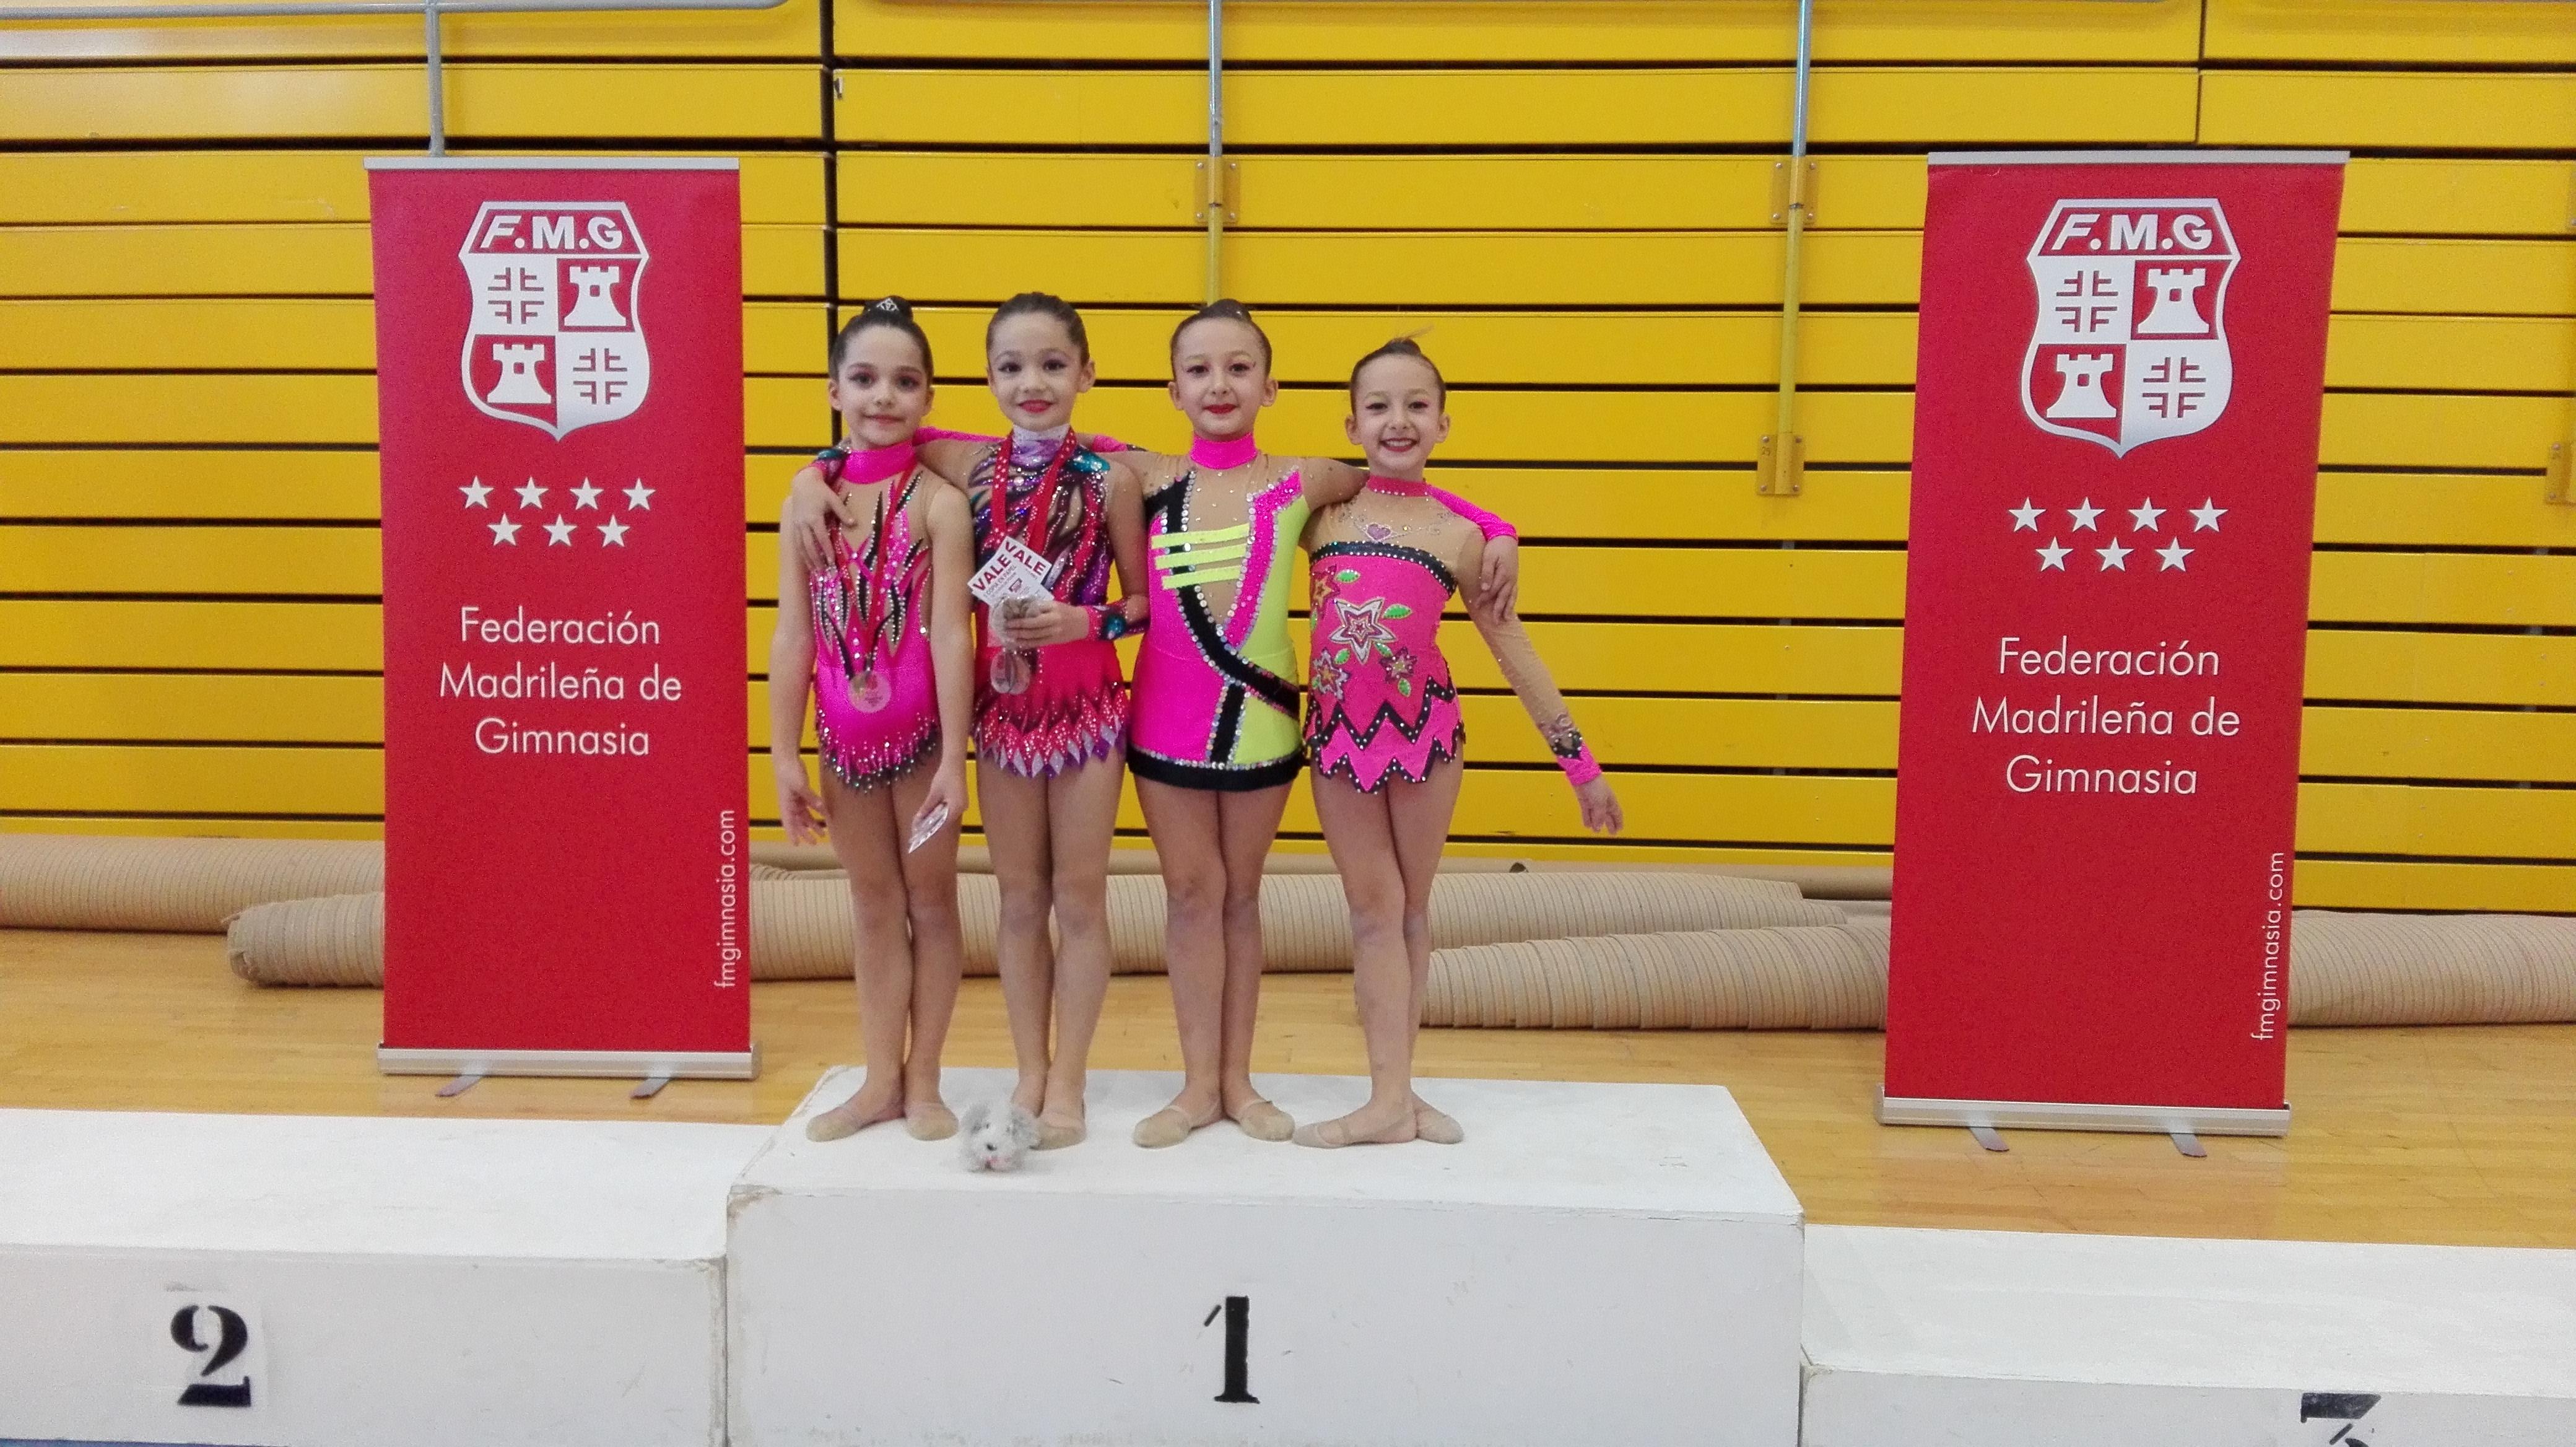 Las gimnastas velilleras obtienen muy buenos resultados en la segunda fase del Torneo Federación